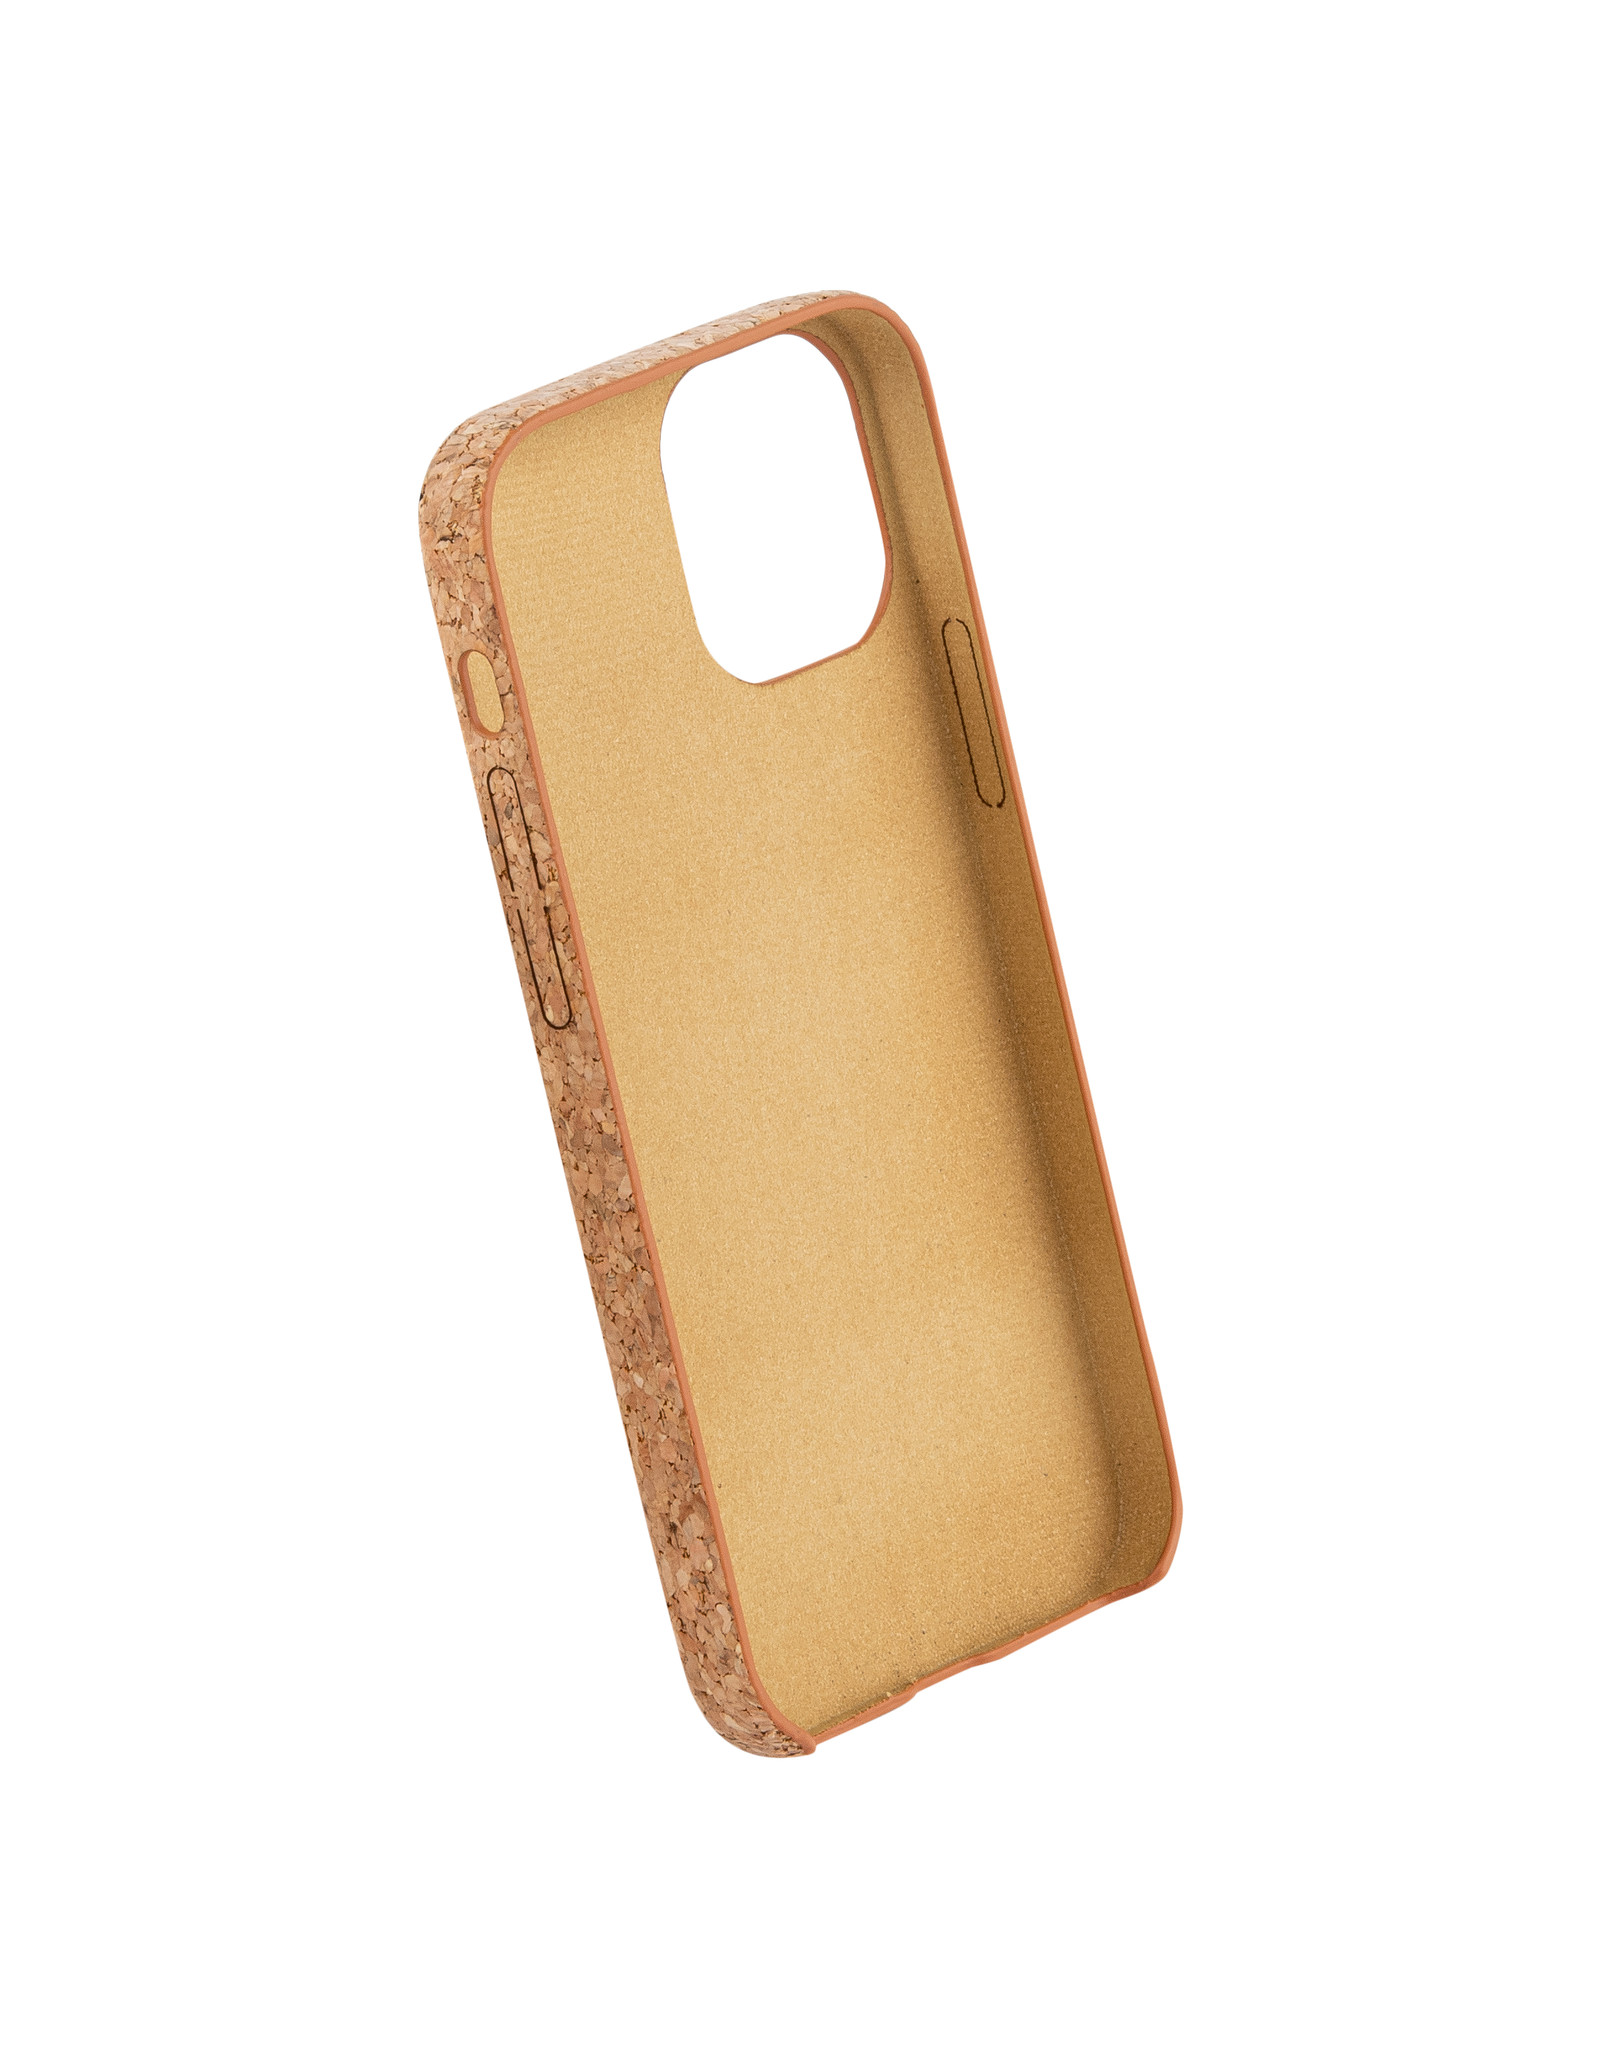 iPhone 12 Mini Kurk phone case -  KURQ